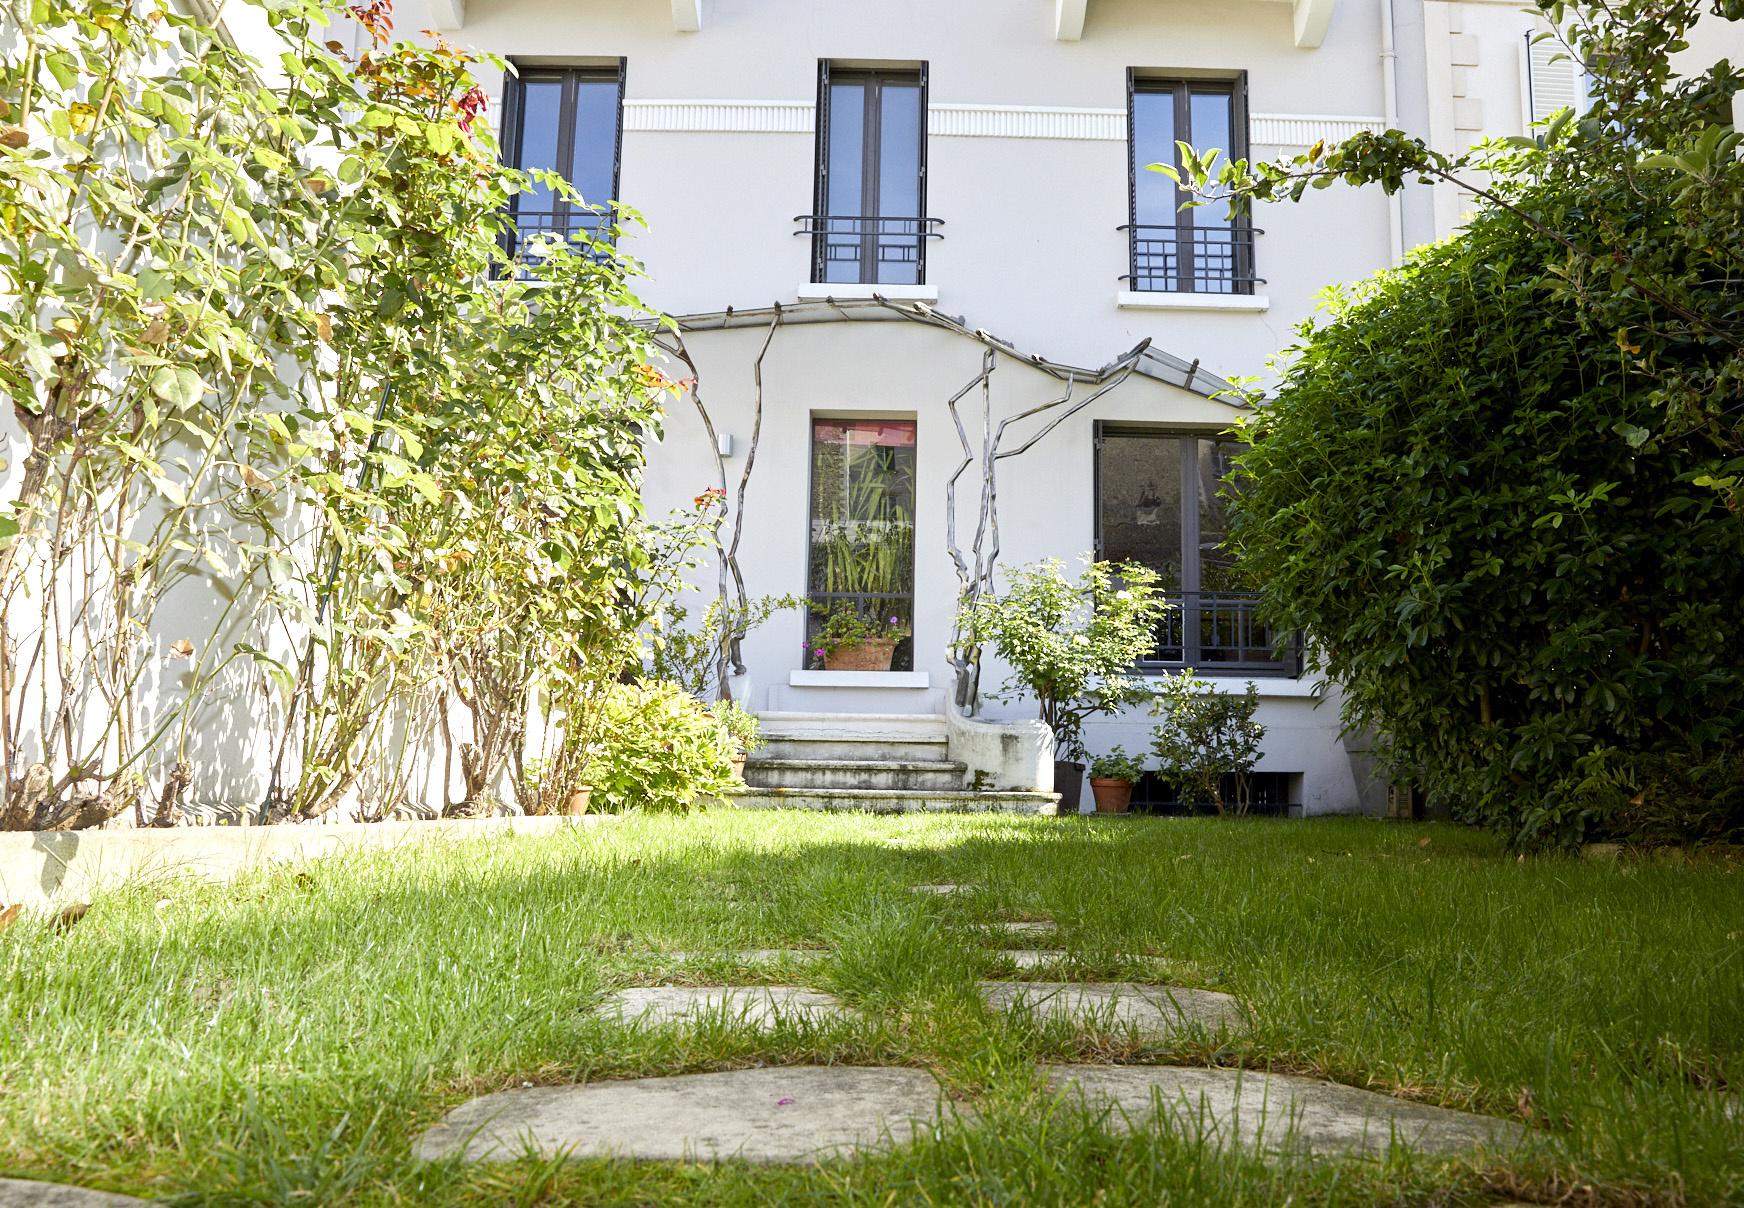 Maison et appart maison appart with maison et appart un for Achat maison vincennes